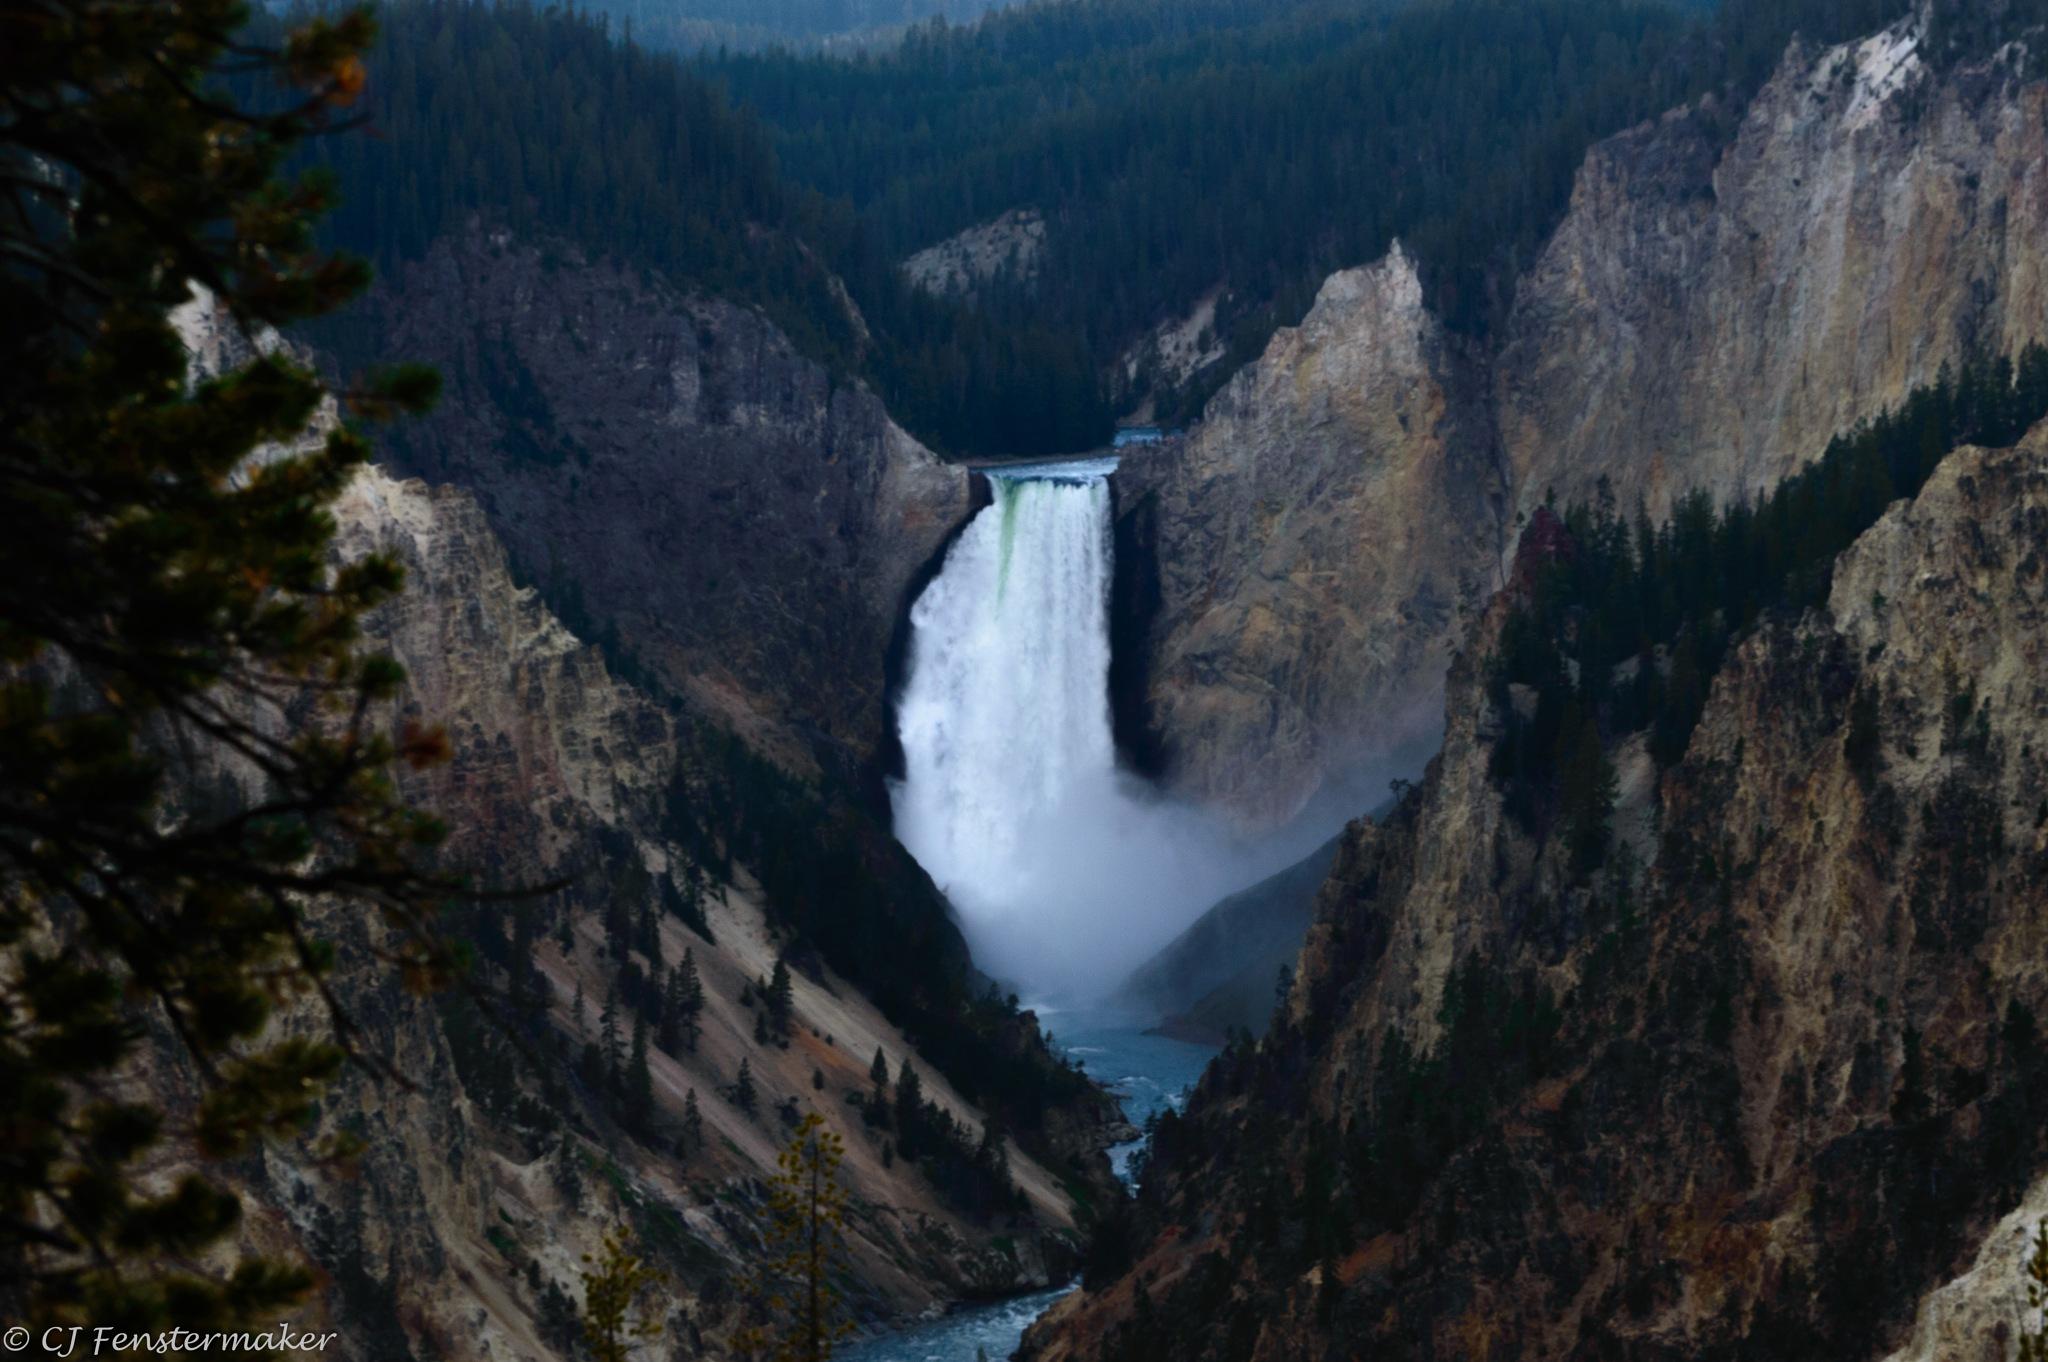 Upper Falls by CJ Fenstermaker